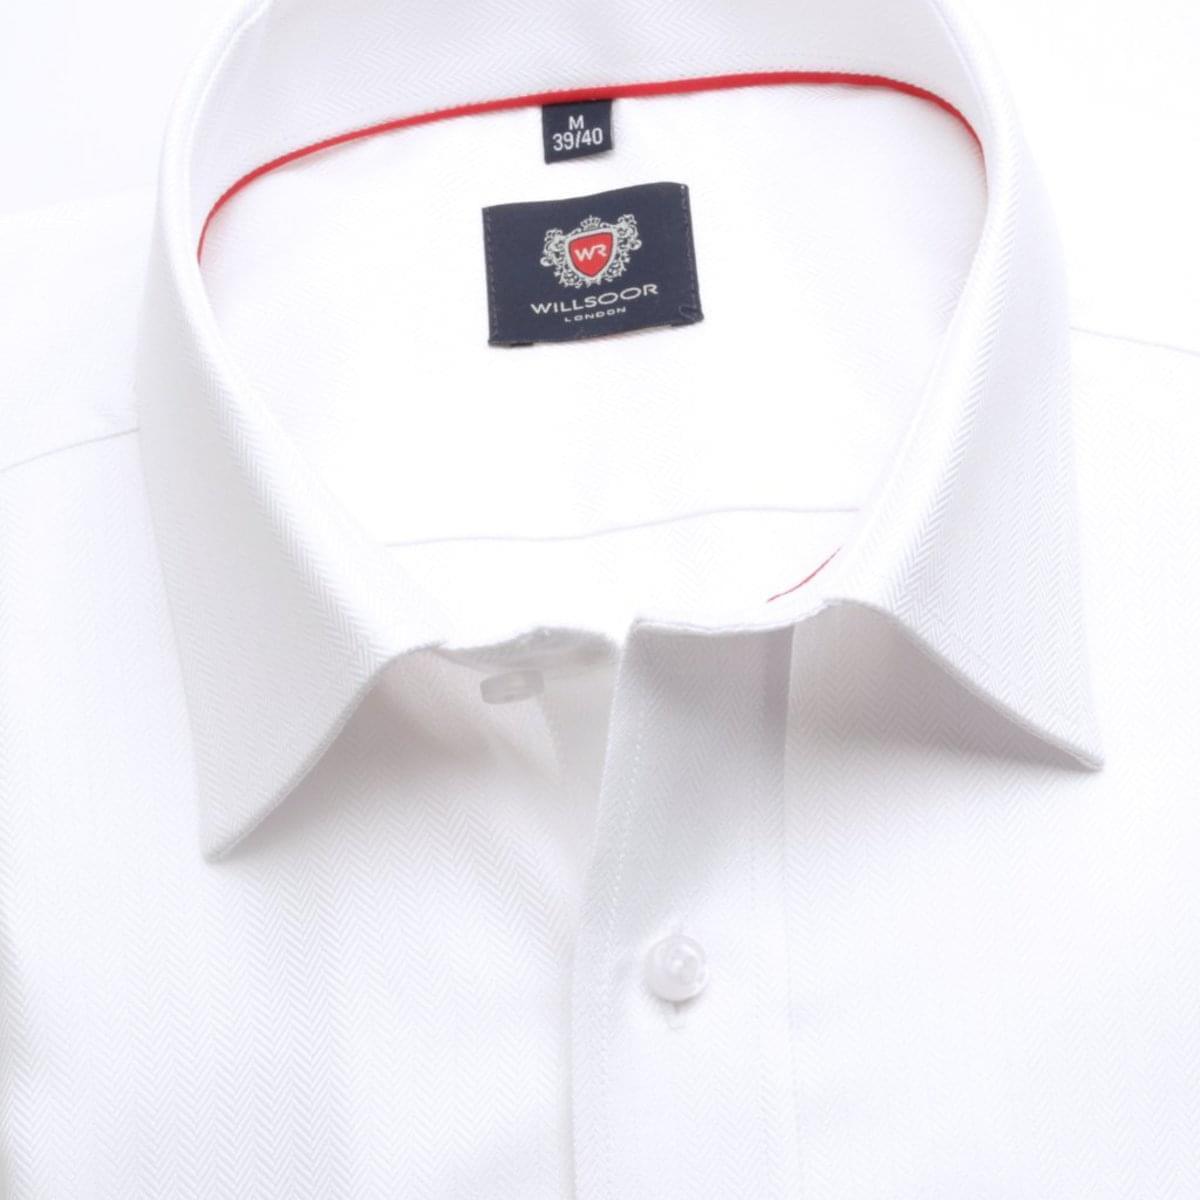 Pánská klasická košile London (výška 188-194) 6687 v bílé barvě s formulí Easy Care 188-194 / XL (43/44)